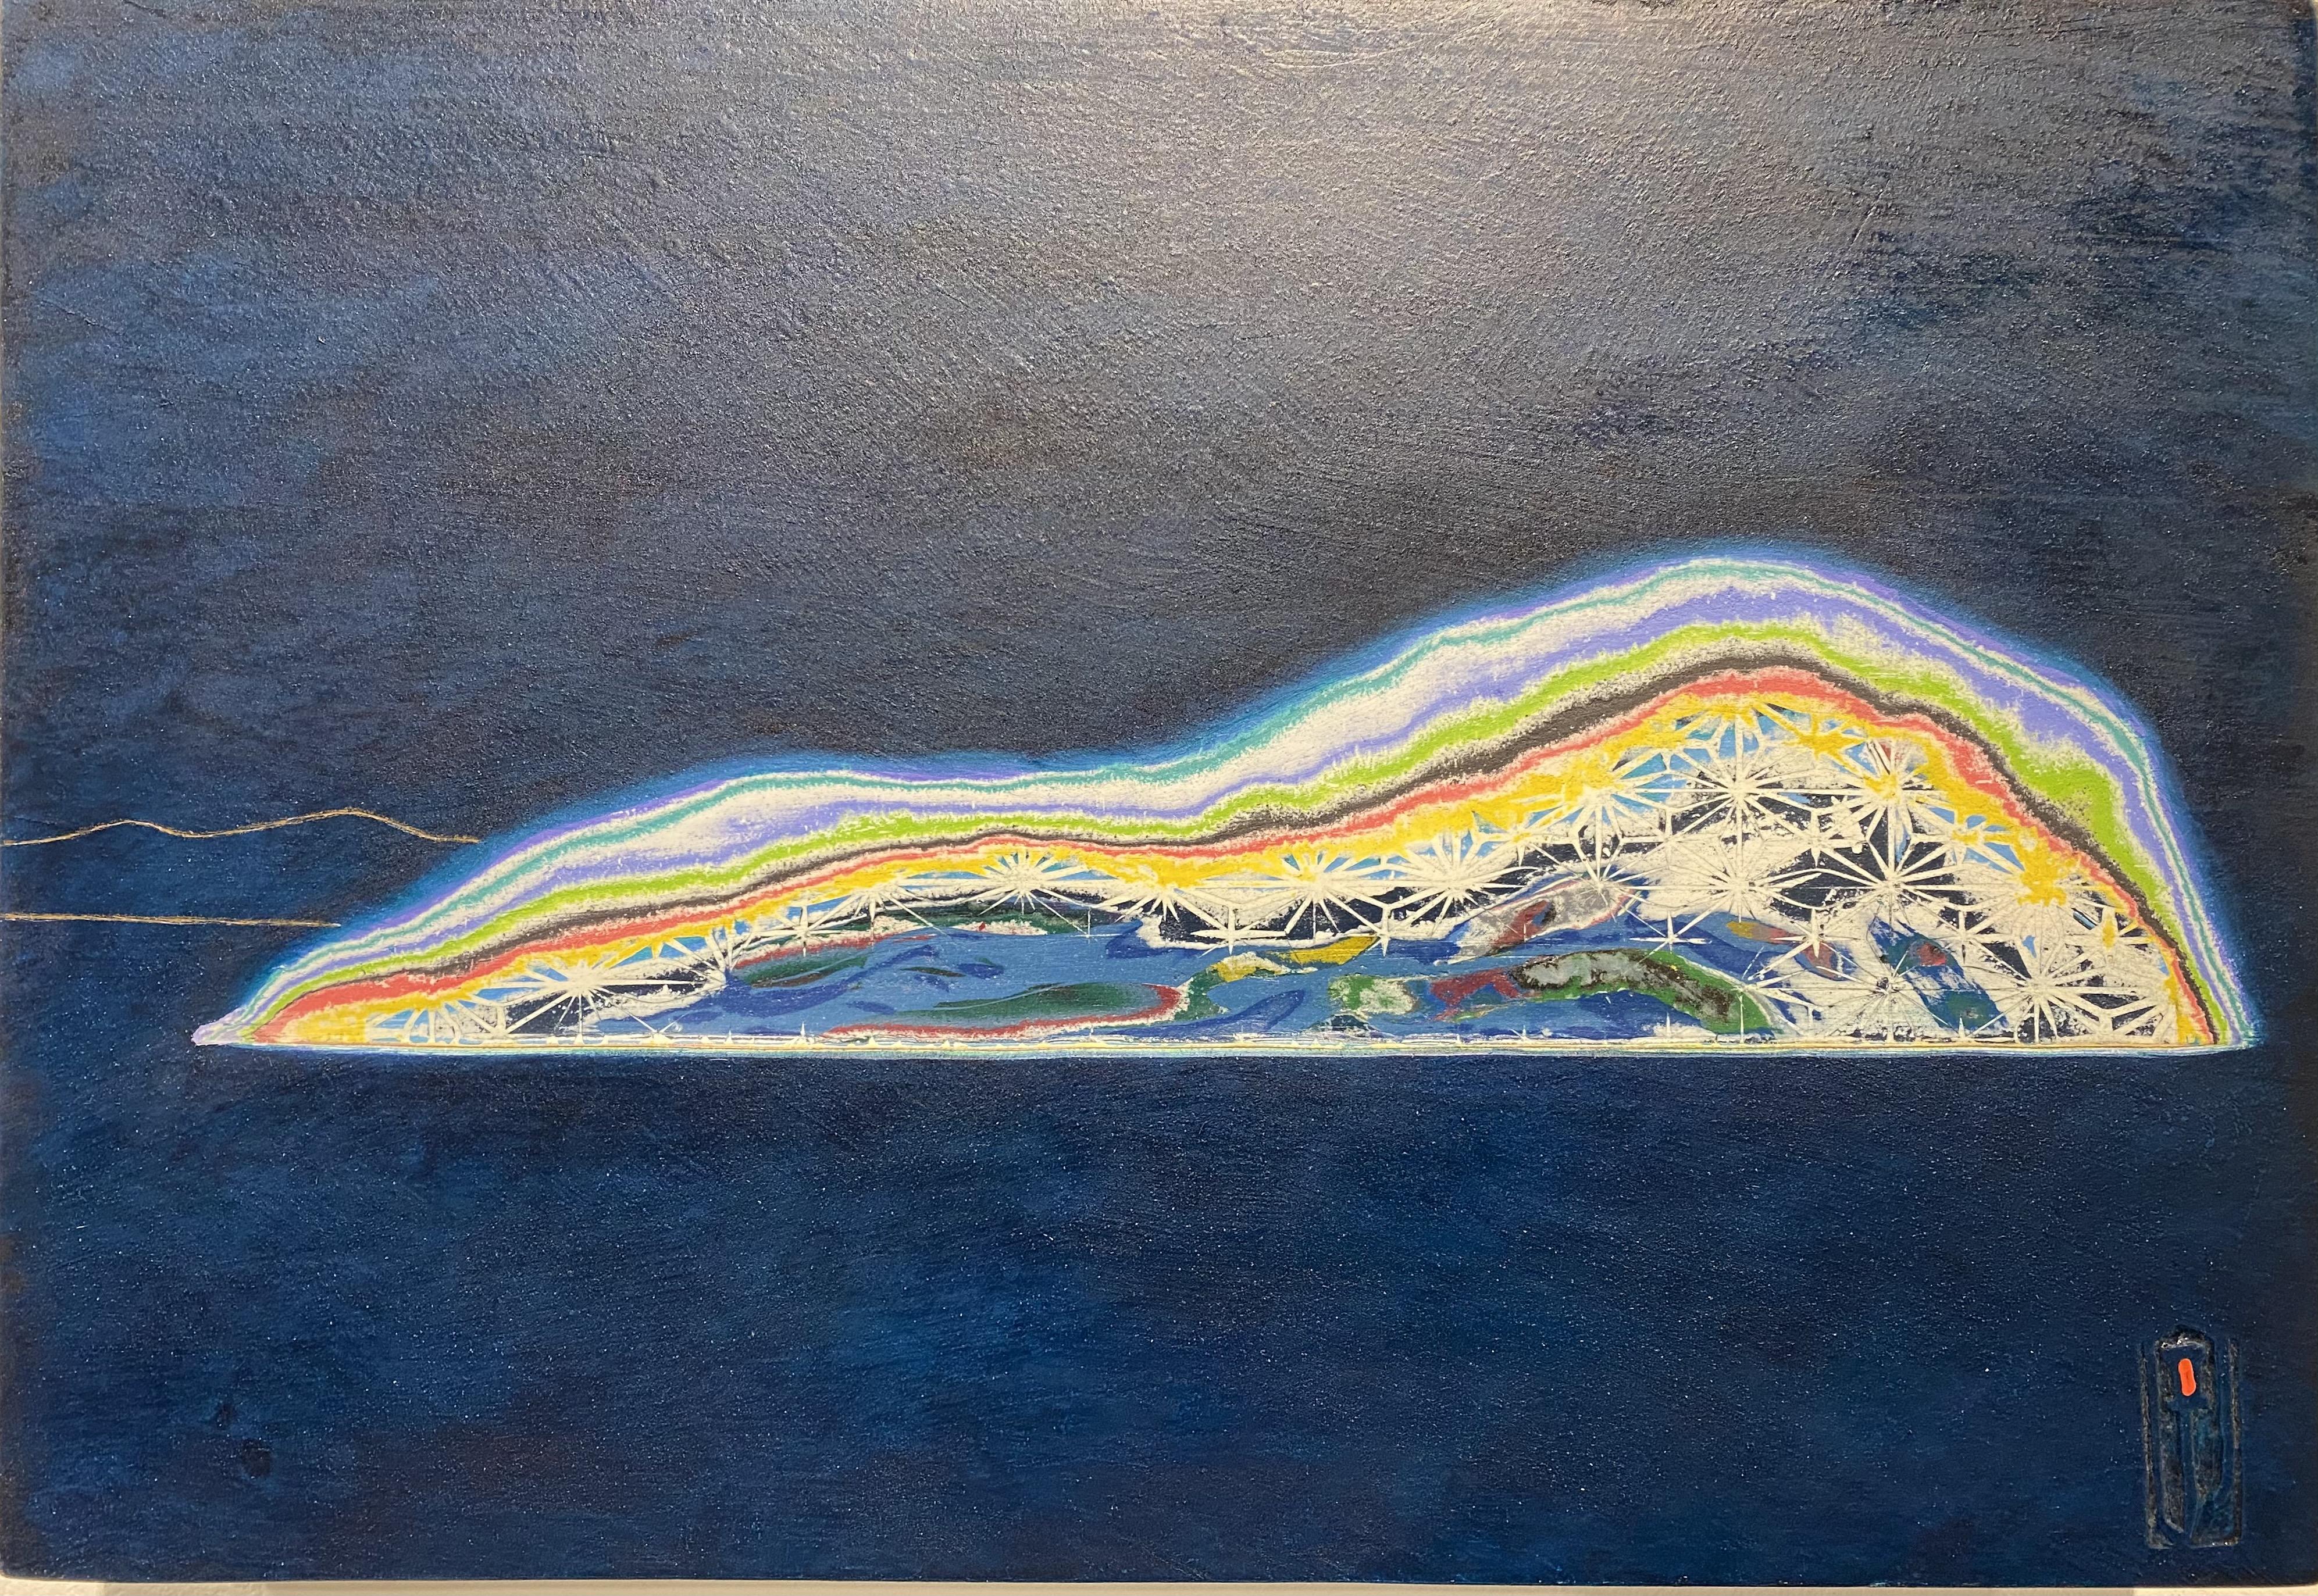 009 김재신, 섬, 32 x 41 cm(6호), 나무판 위 색조각, 2